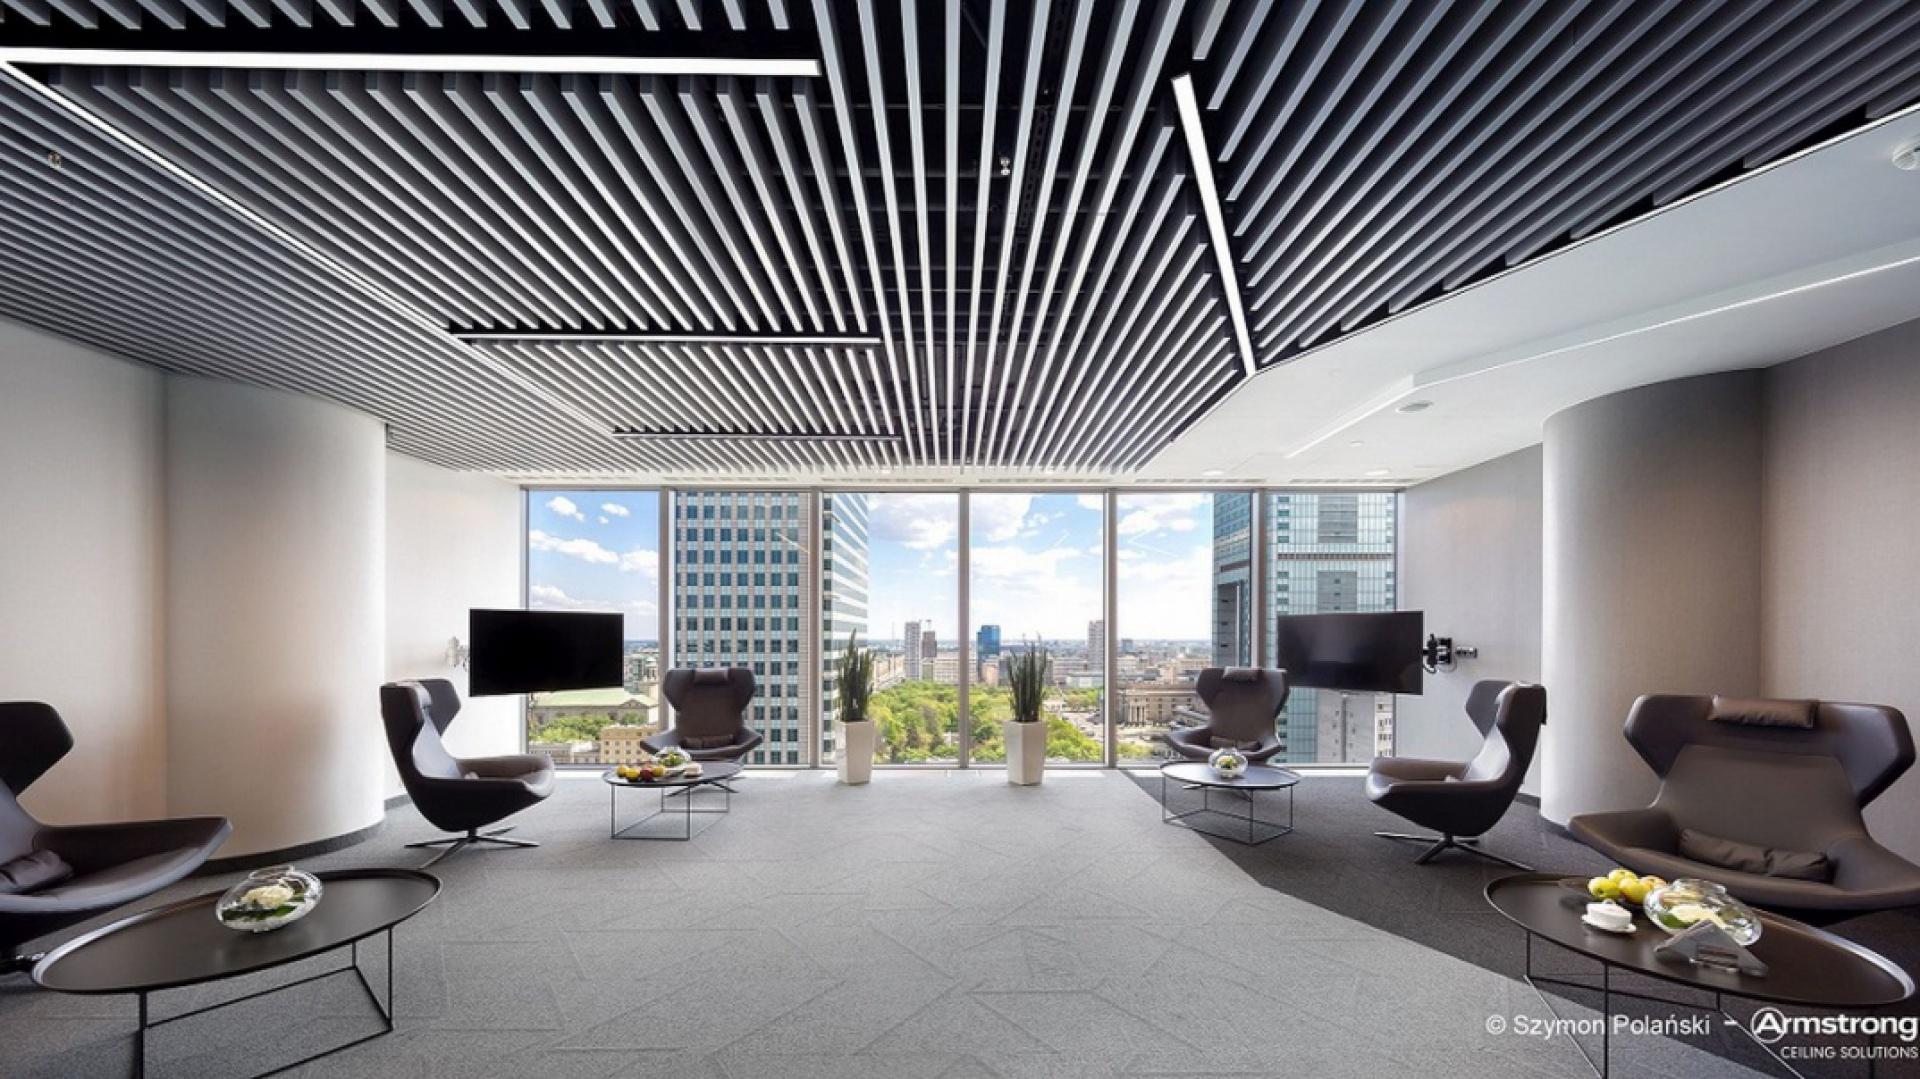 Biuro firmy EY, w warszawskim wieżowcu Rondo 1 – fotografie biura po gruntownej modernizacji przygotowanej wspólnie z Massive Design fot. Armstrong